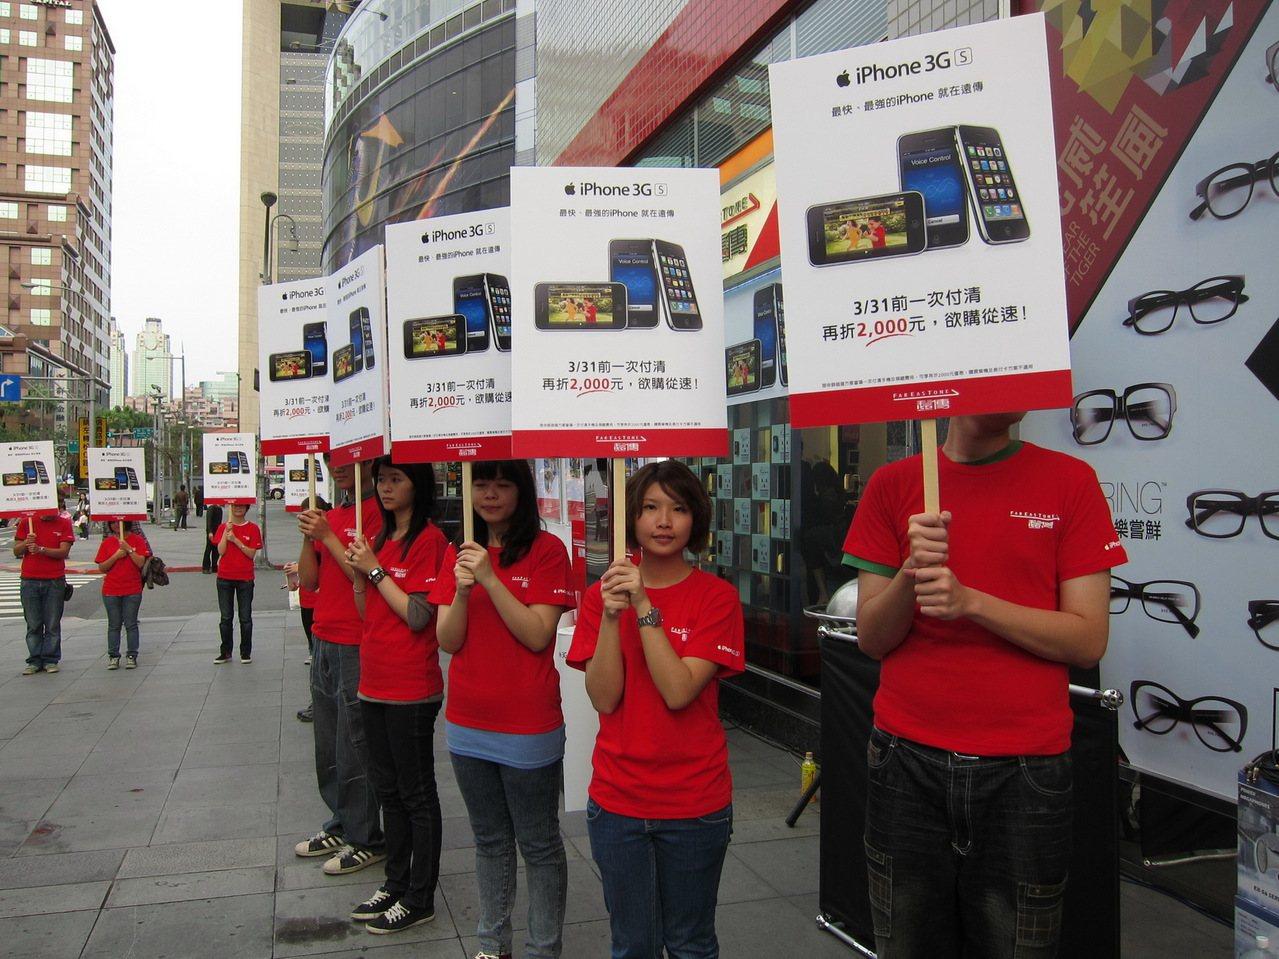 南韓電信6月底將販賣iPhone 3GS,預料將引發懷舊果粉關注。圖為iPhon...